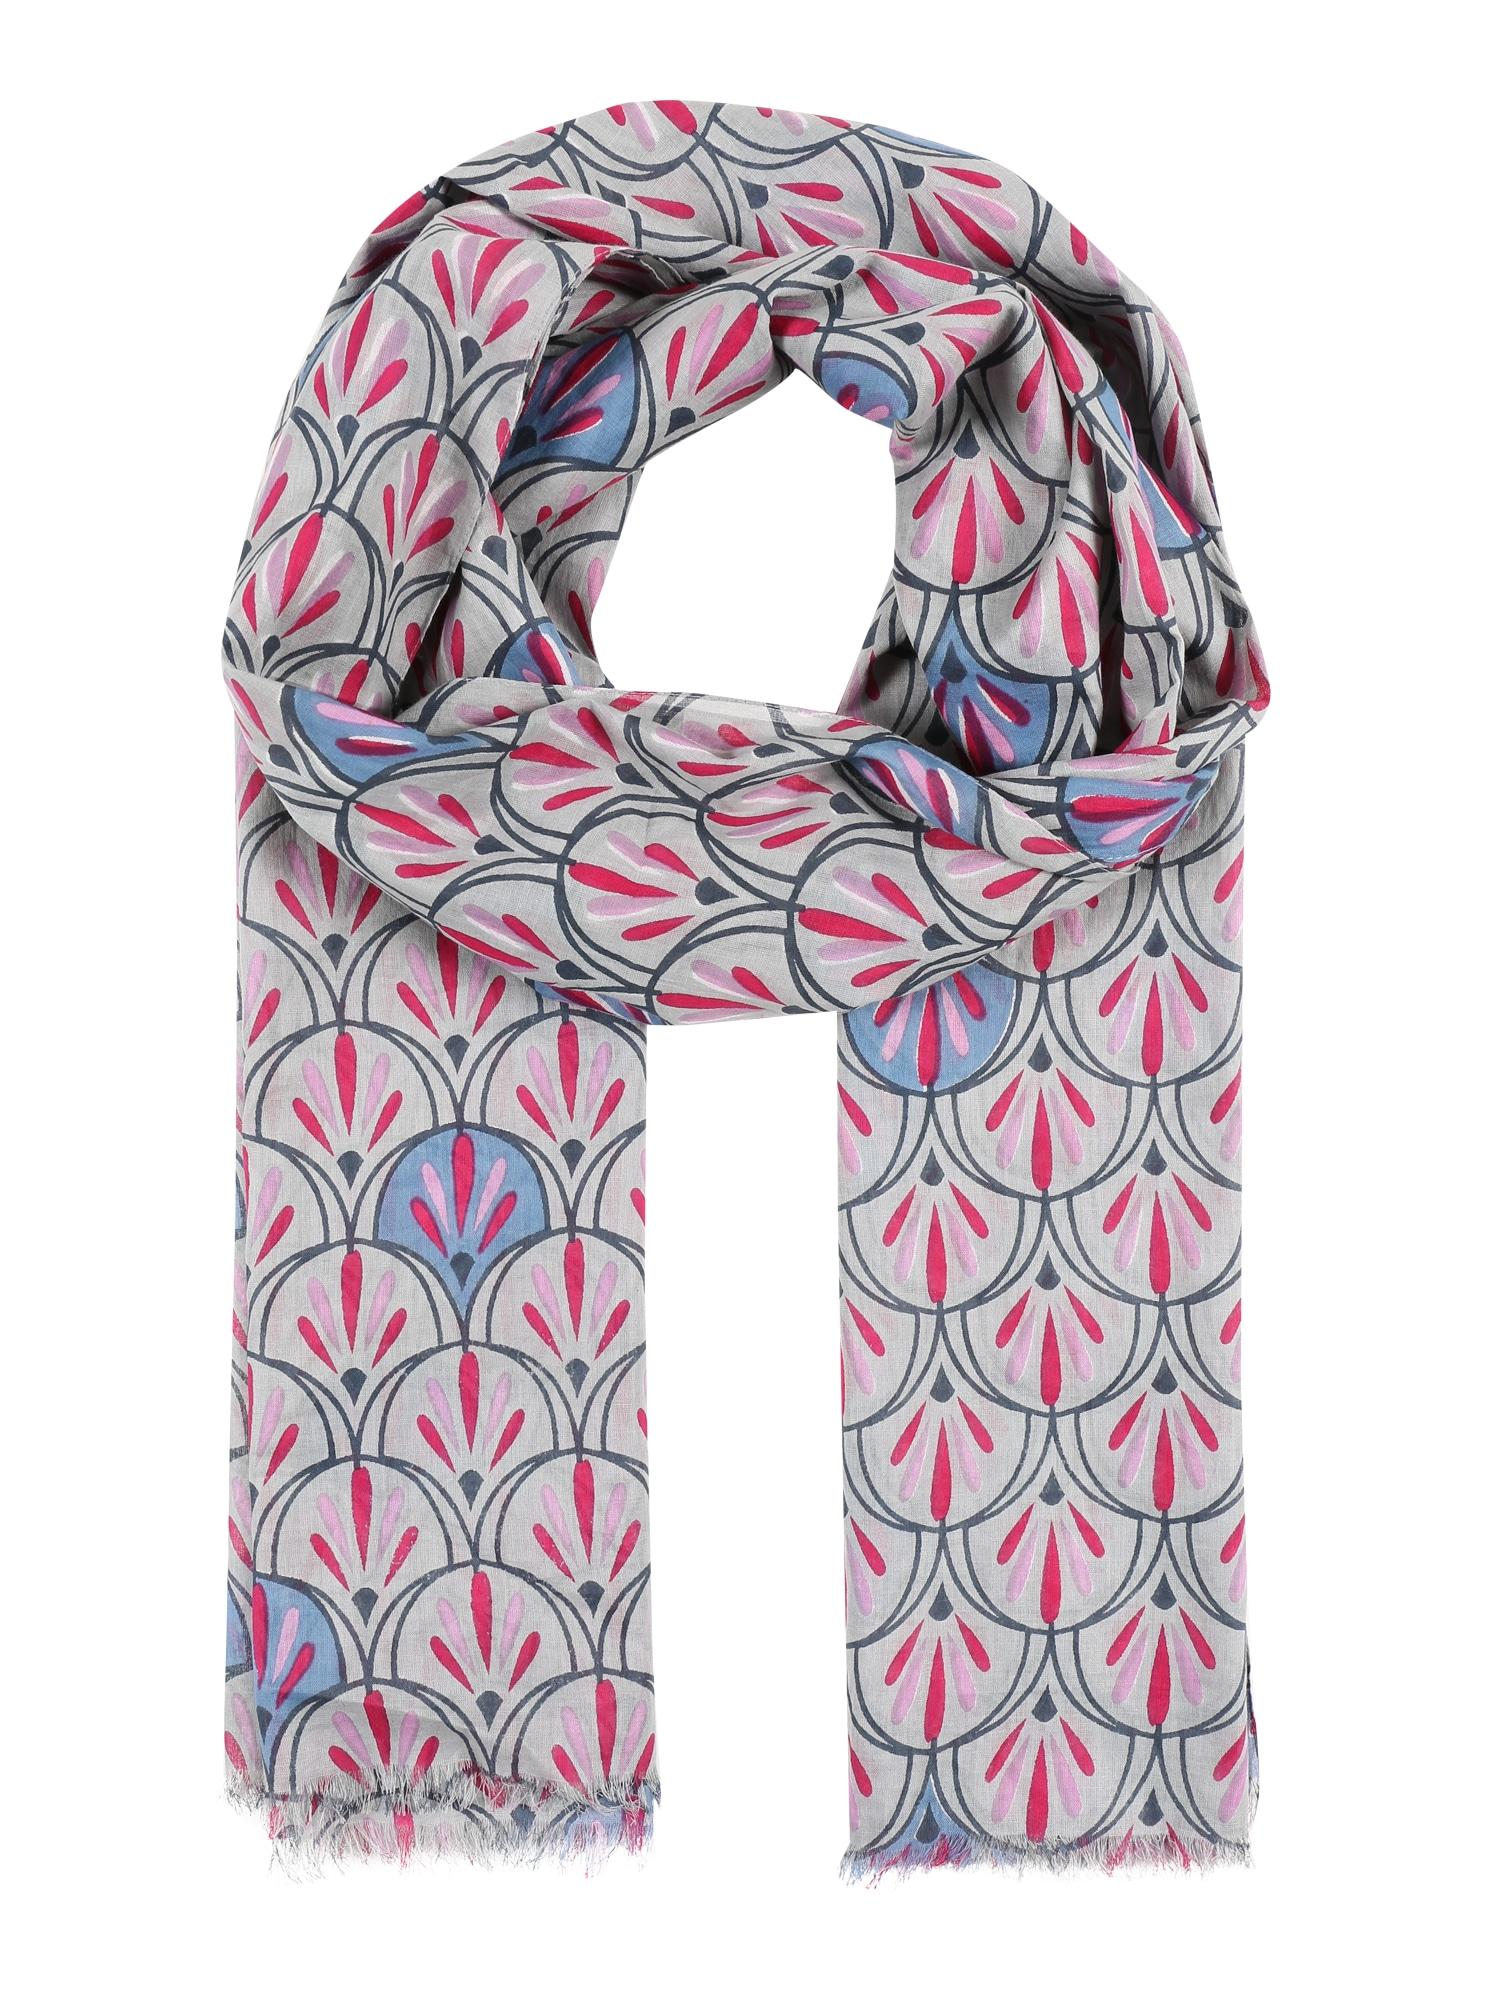 Šála Doriane krémová pink UNMADE Copenhagen